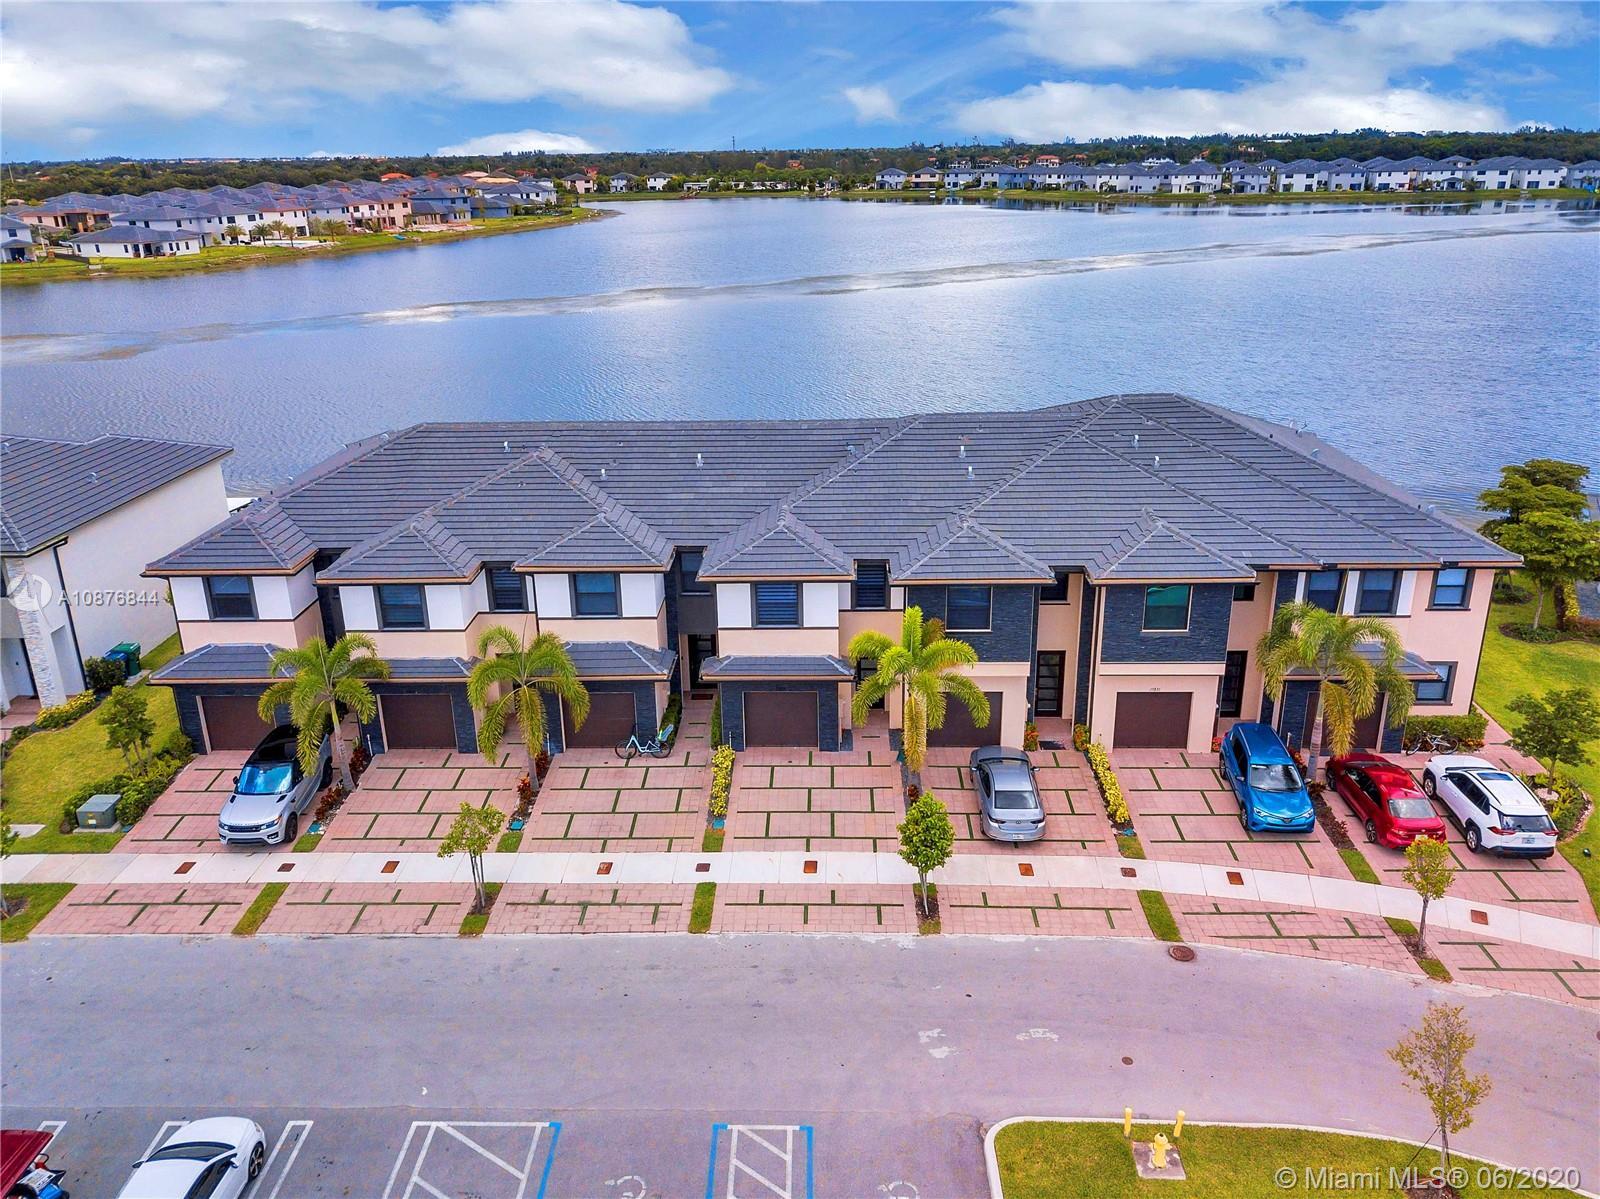 Miami Lakes #15839 - 55 - photo